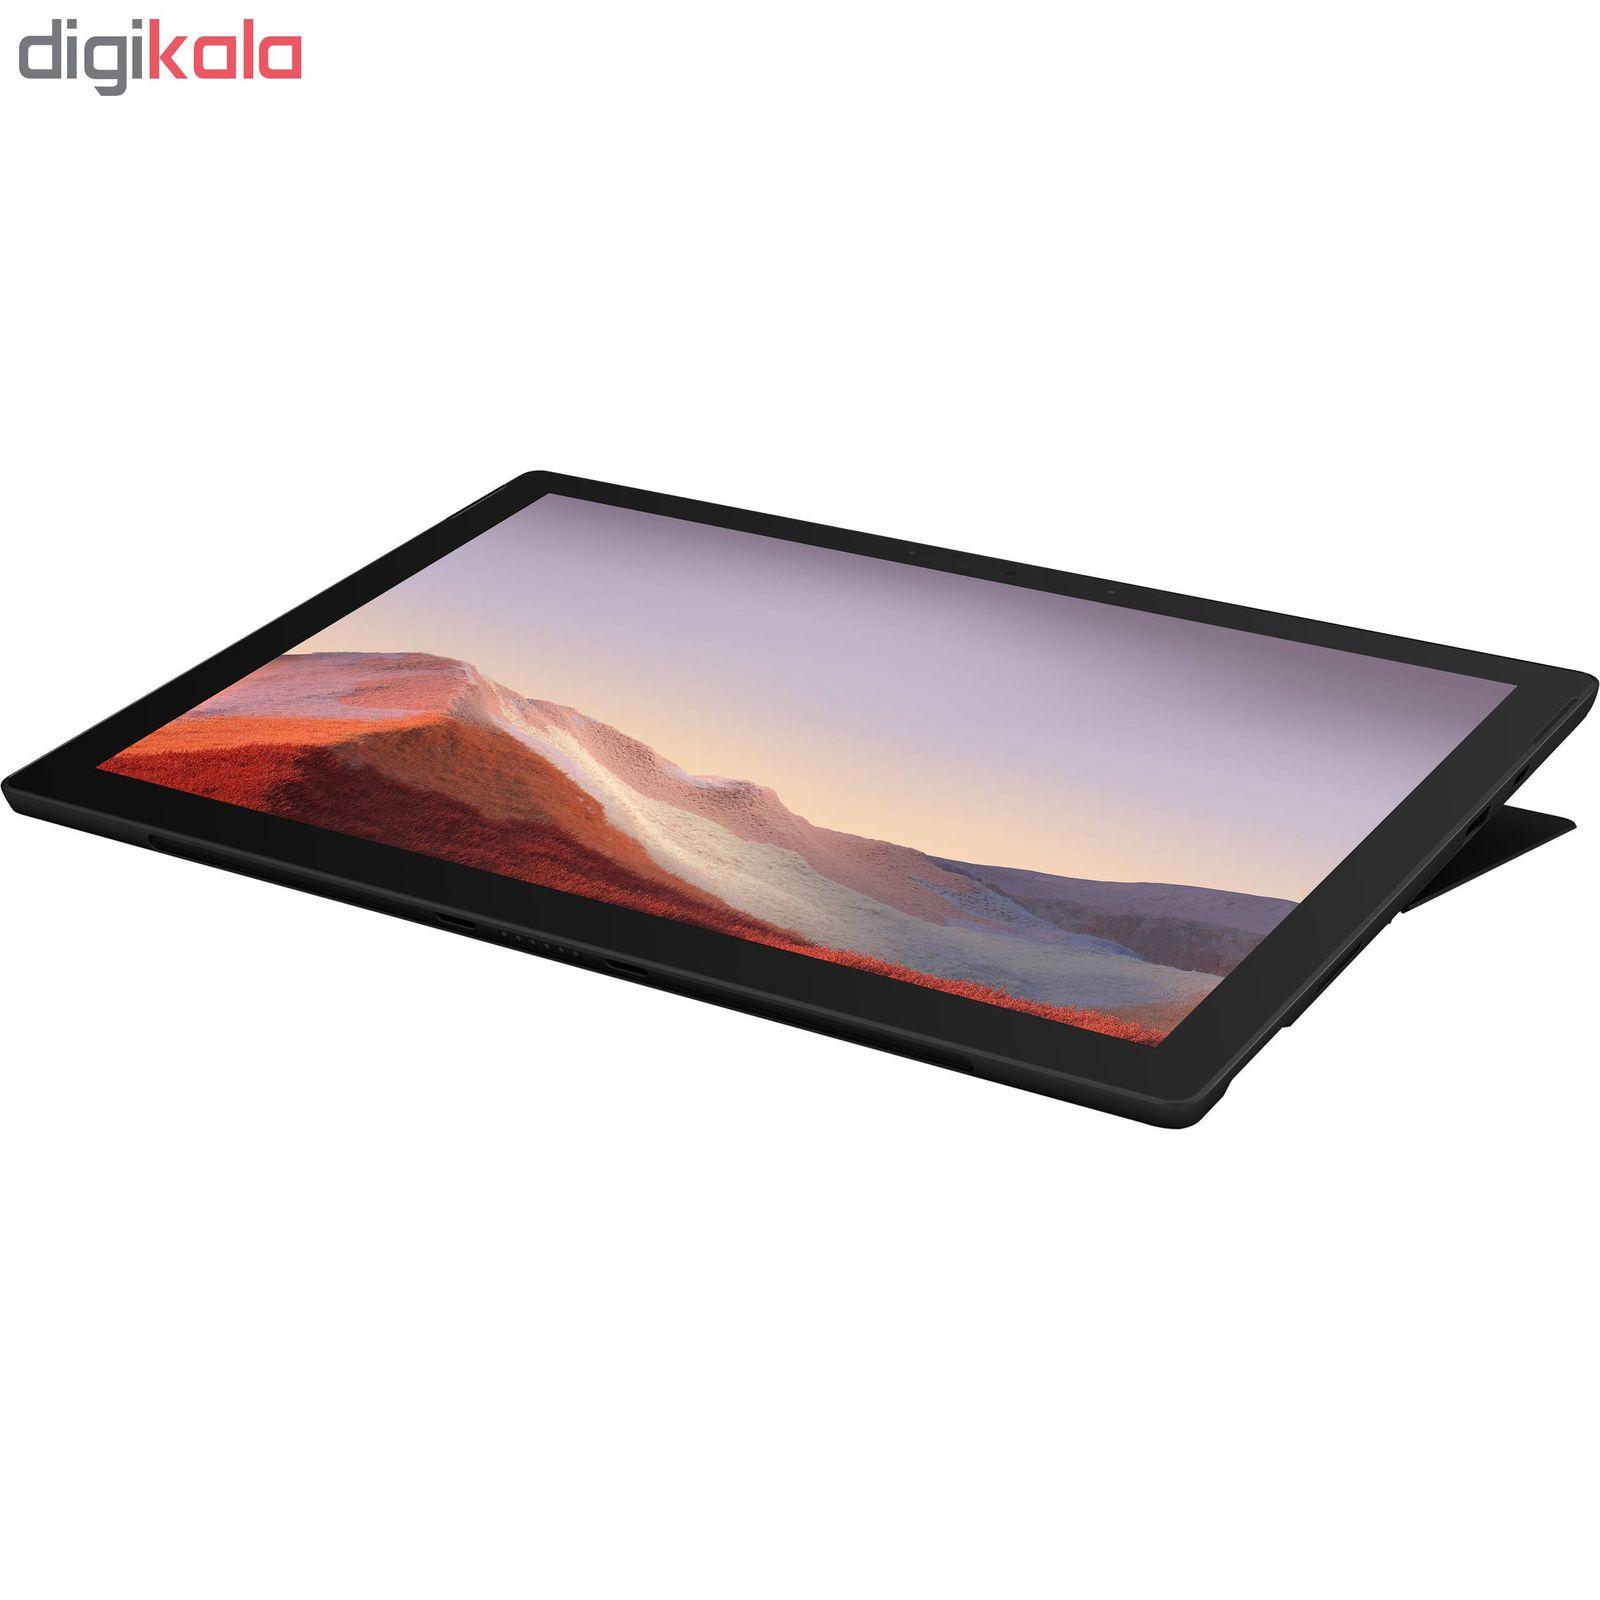 تبلت مایکروسافت مدل Surface Pro 7 - C ظرفیت 256 گیگابایت main 1 7